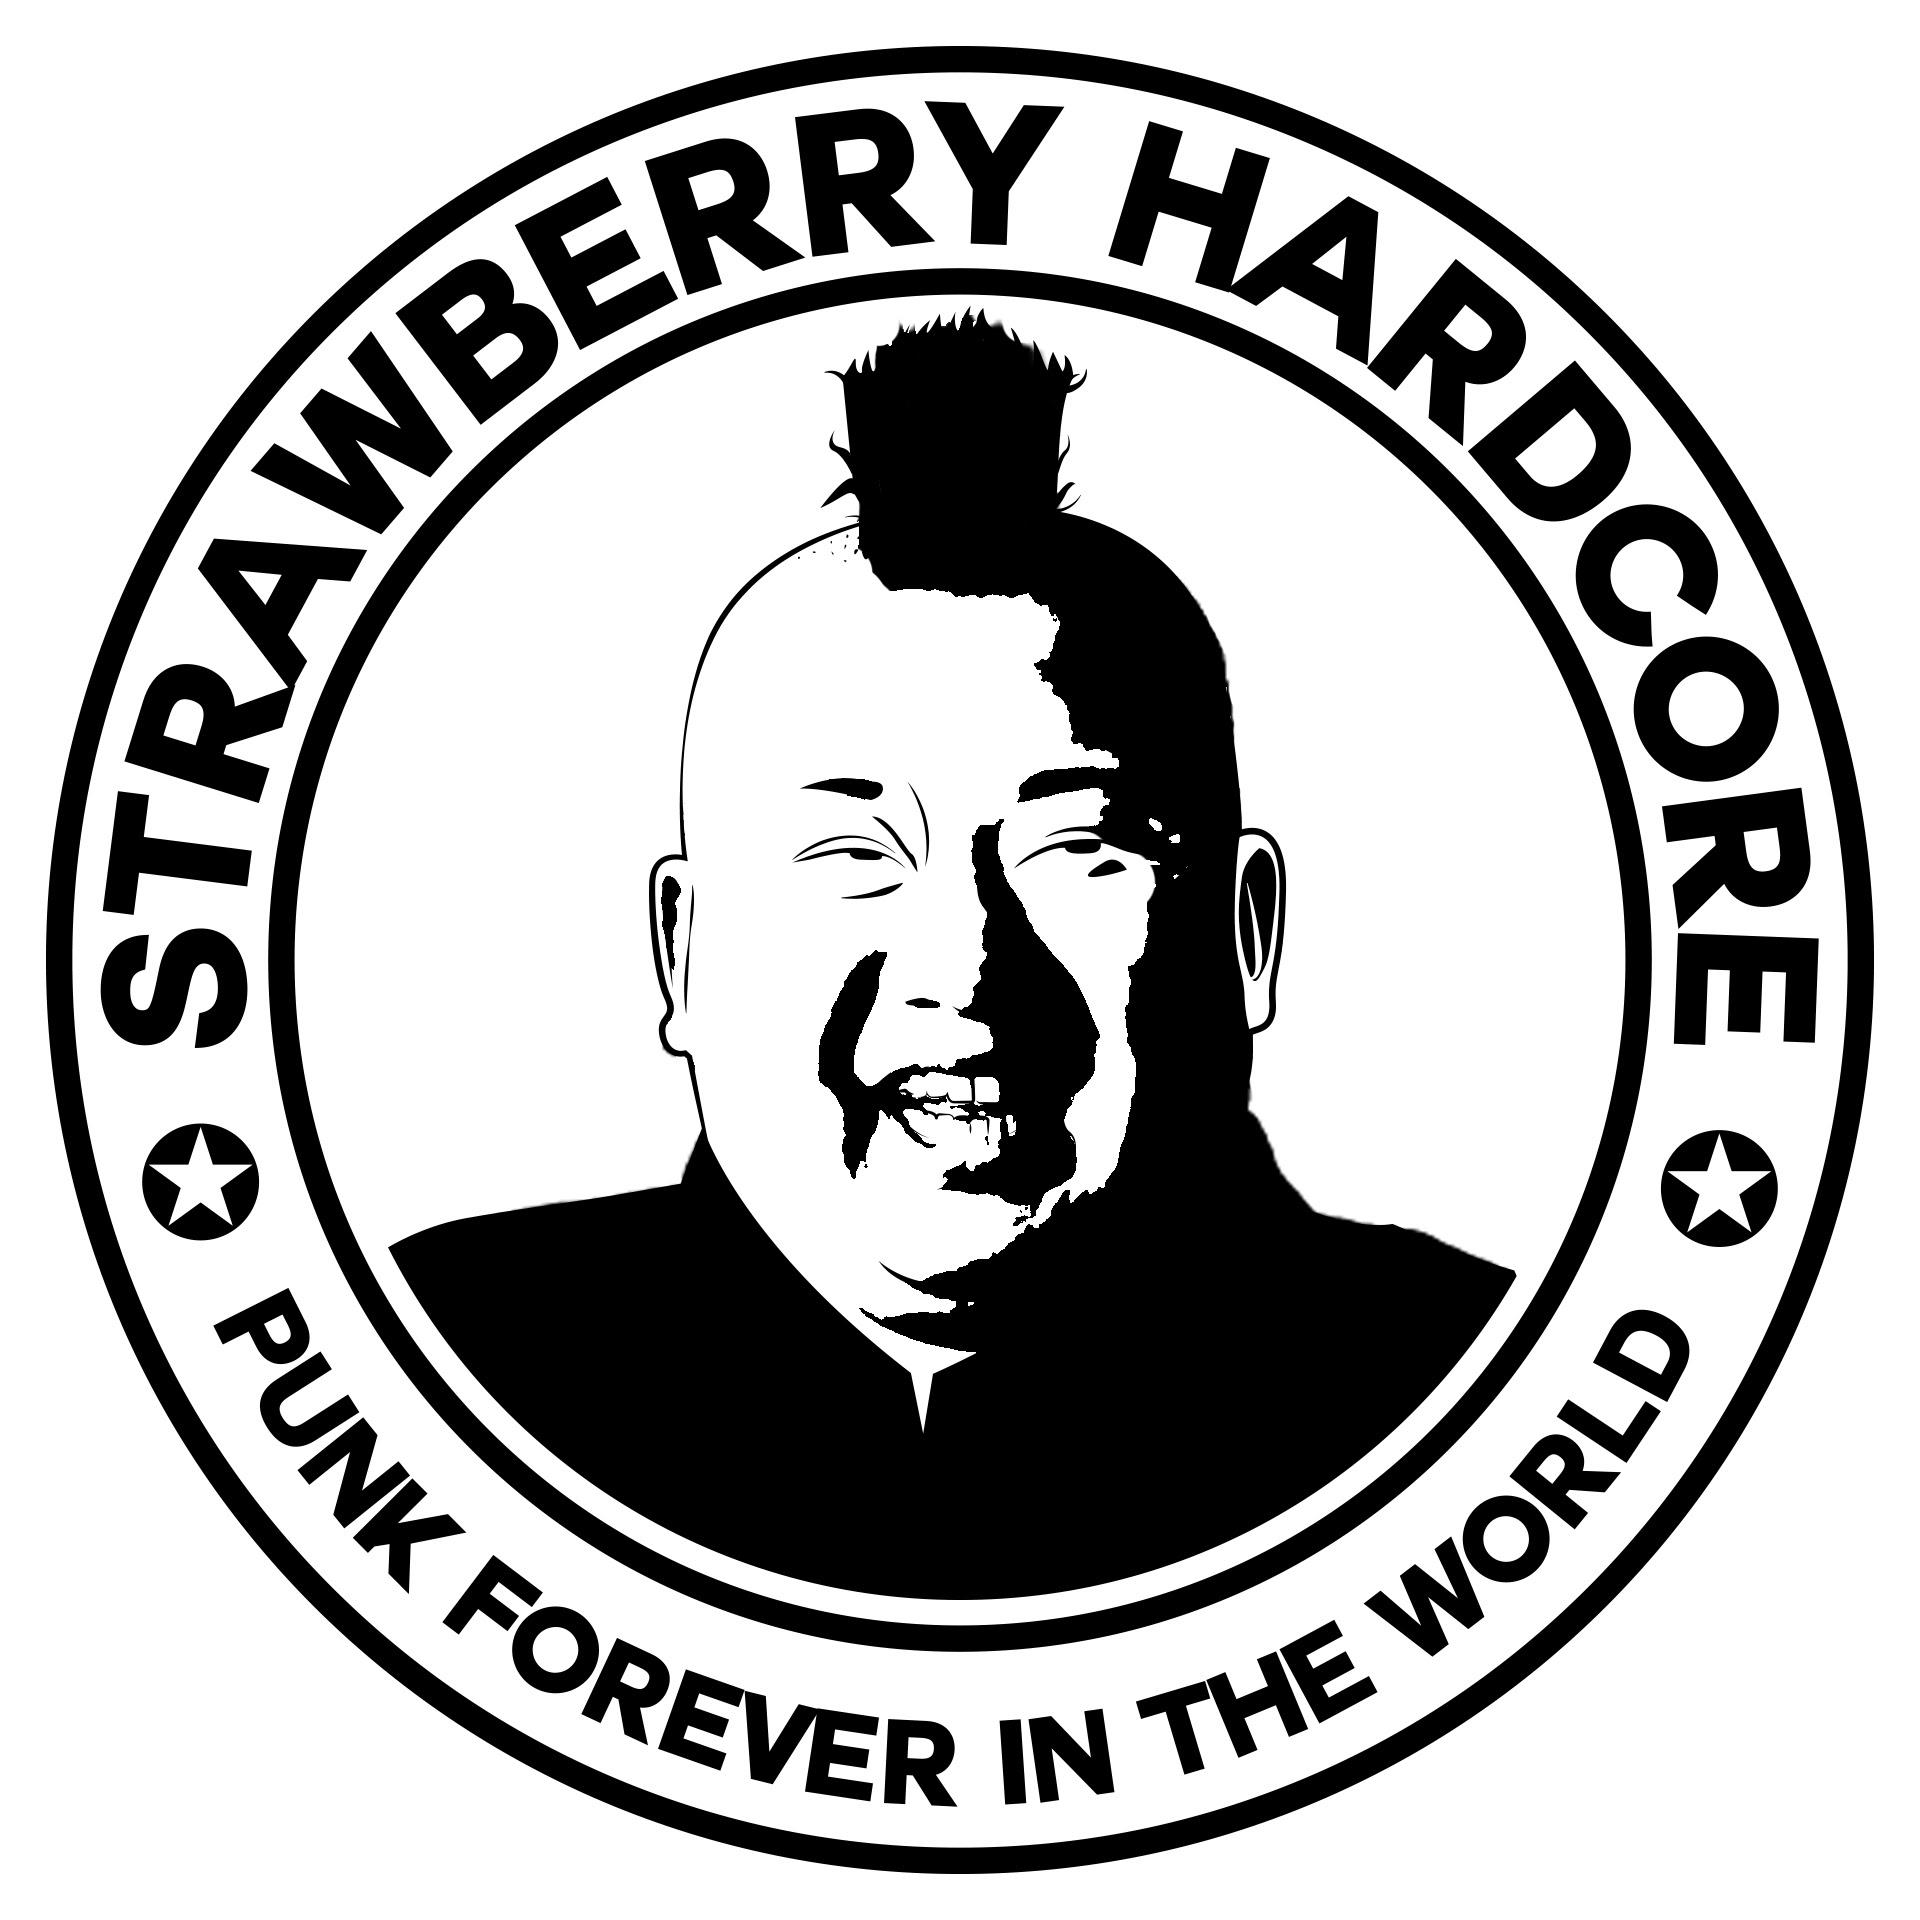 STRAWBERRY HARDCORE VUELVE EN 2019 CON NUEVA IMAGEN Y NUEVOS TEMAS QUE REUNIRÁN EN UN TERCER DISCO